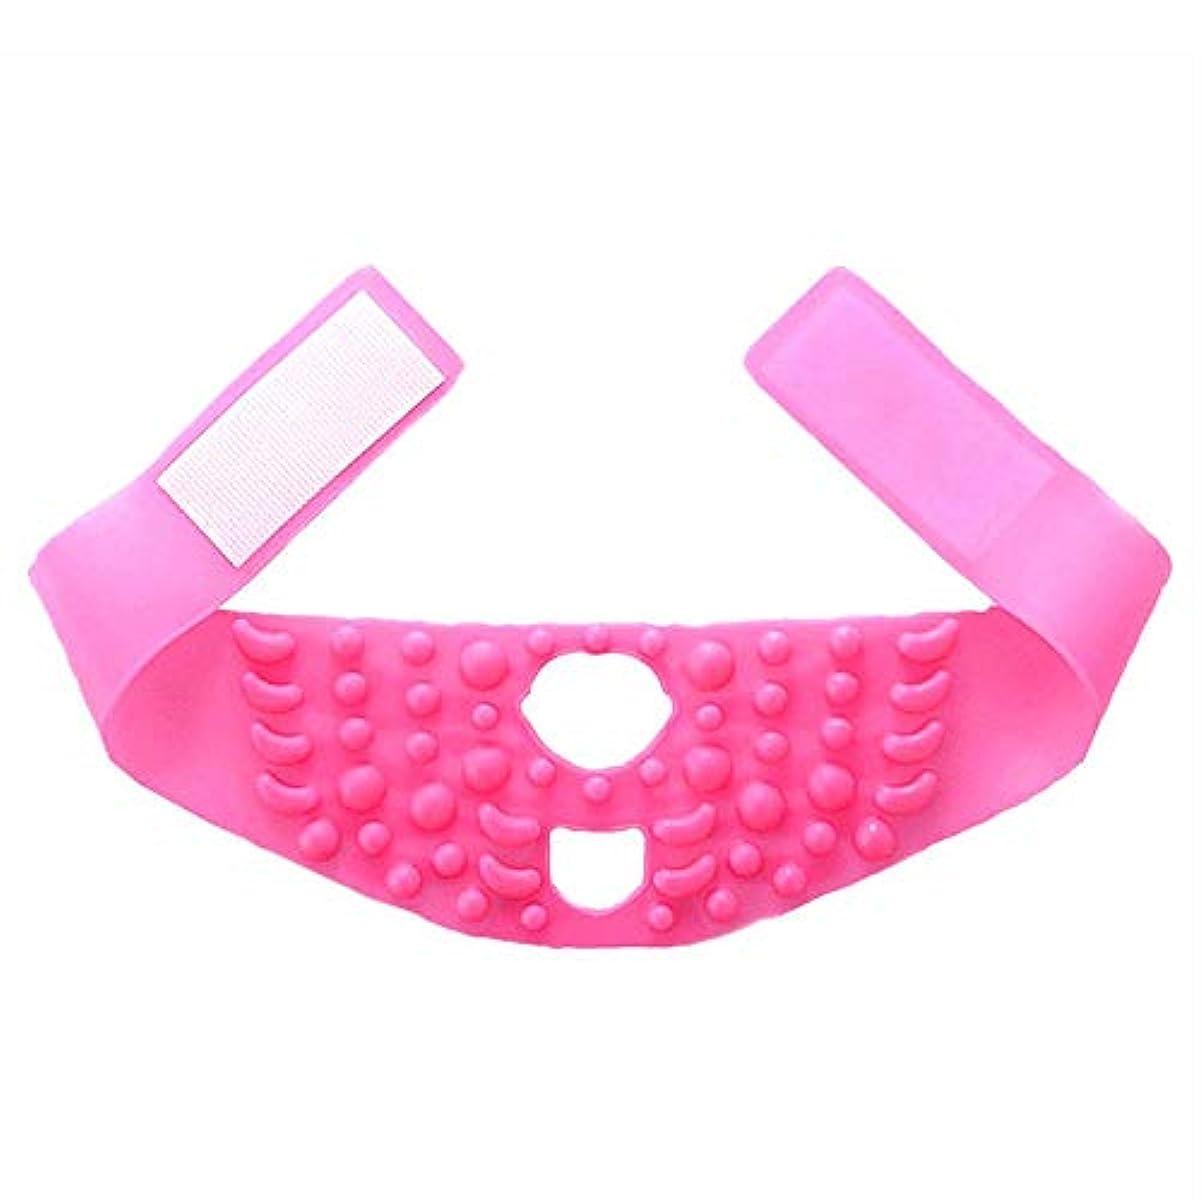 パーツ苗いっぱいシンフェイスマスクシリコーンマッサージ引き締まった形の小さなVフェイスリフティングに薄いフェイスアーティファクト包帯を飾る - ピンク